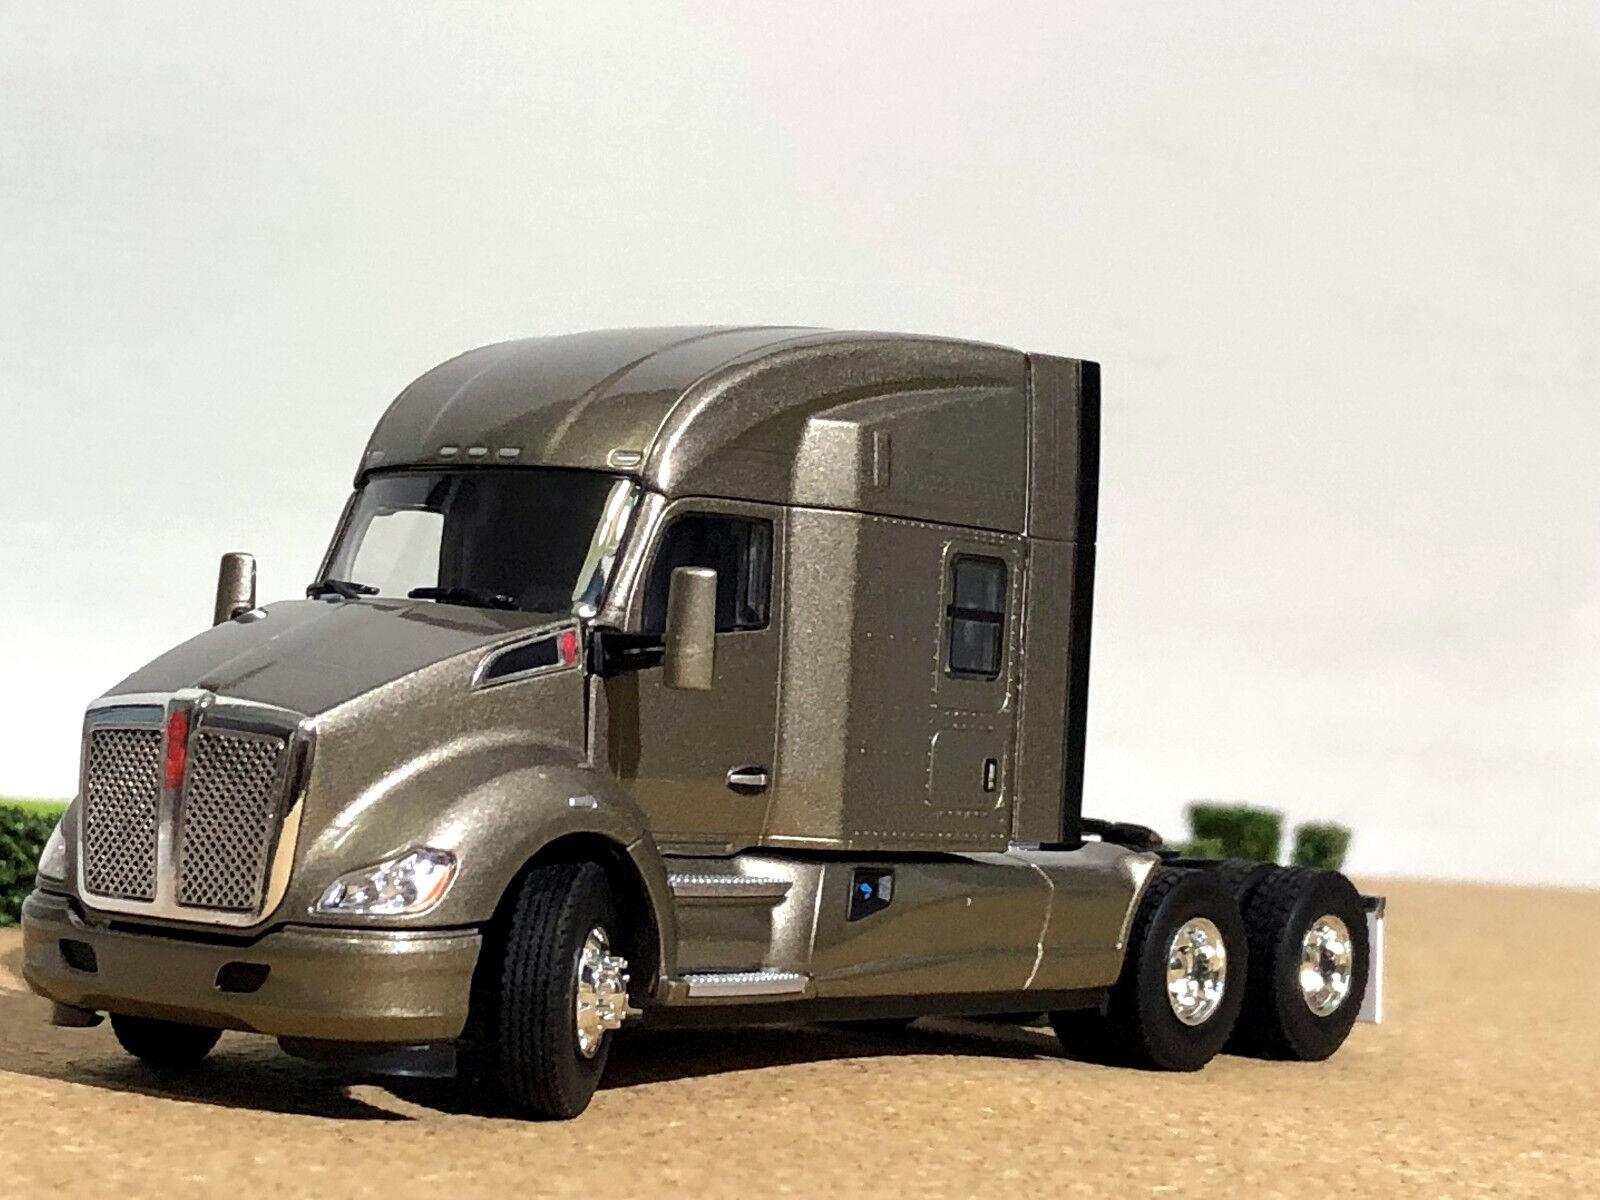 WSI camión Modelos, Kenworth T680 6x4 Plateado, camión único, 1 50